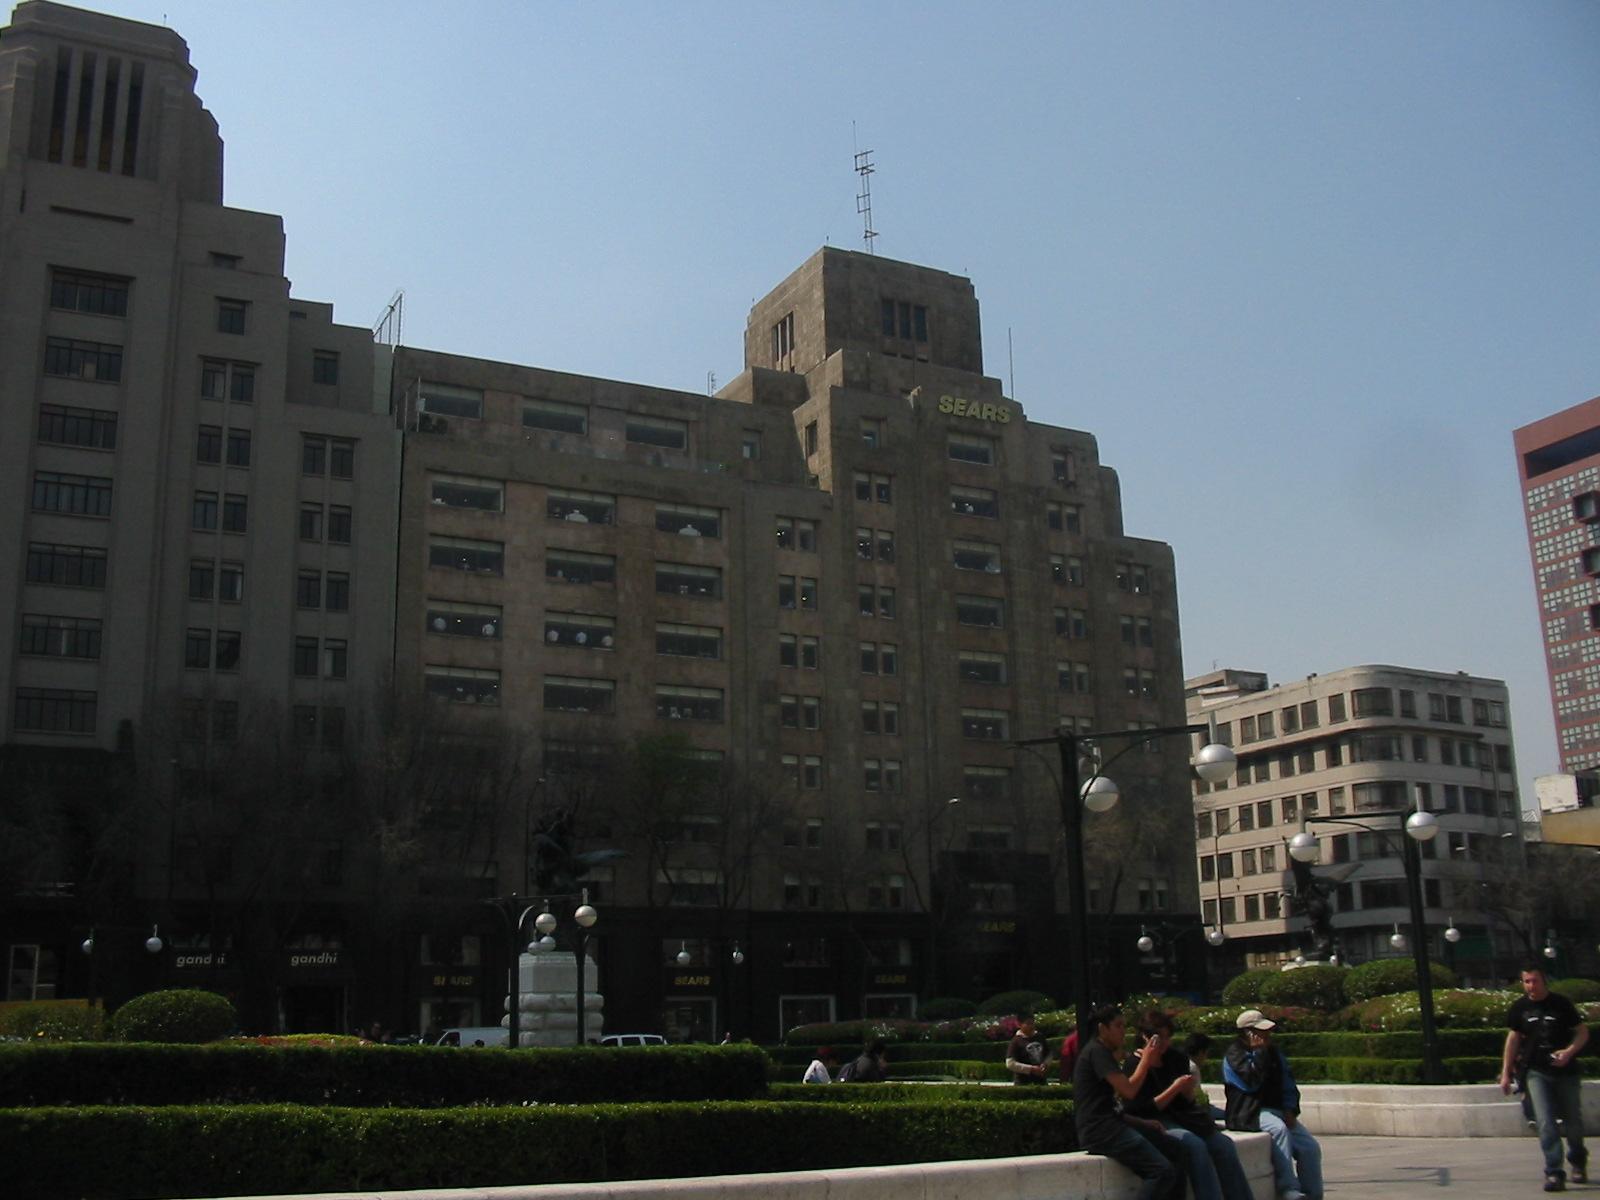 Sears building in the Edificio La Nacional building in Mexico City, across from the Palacio de Bellas Artes.